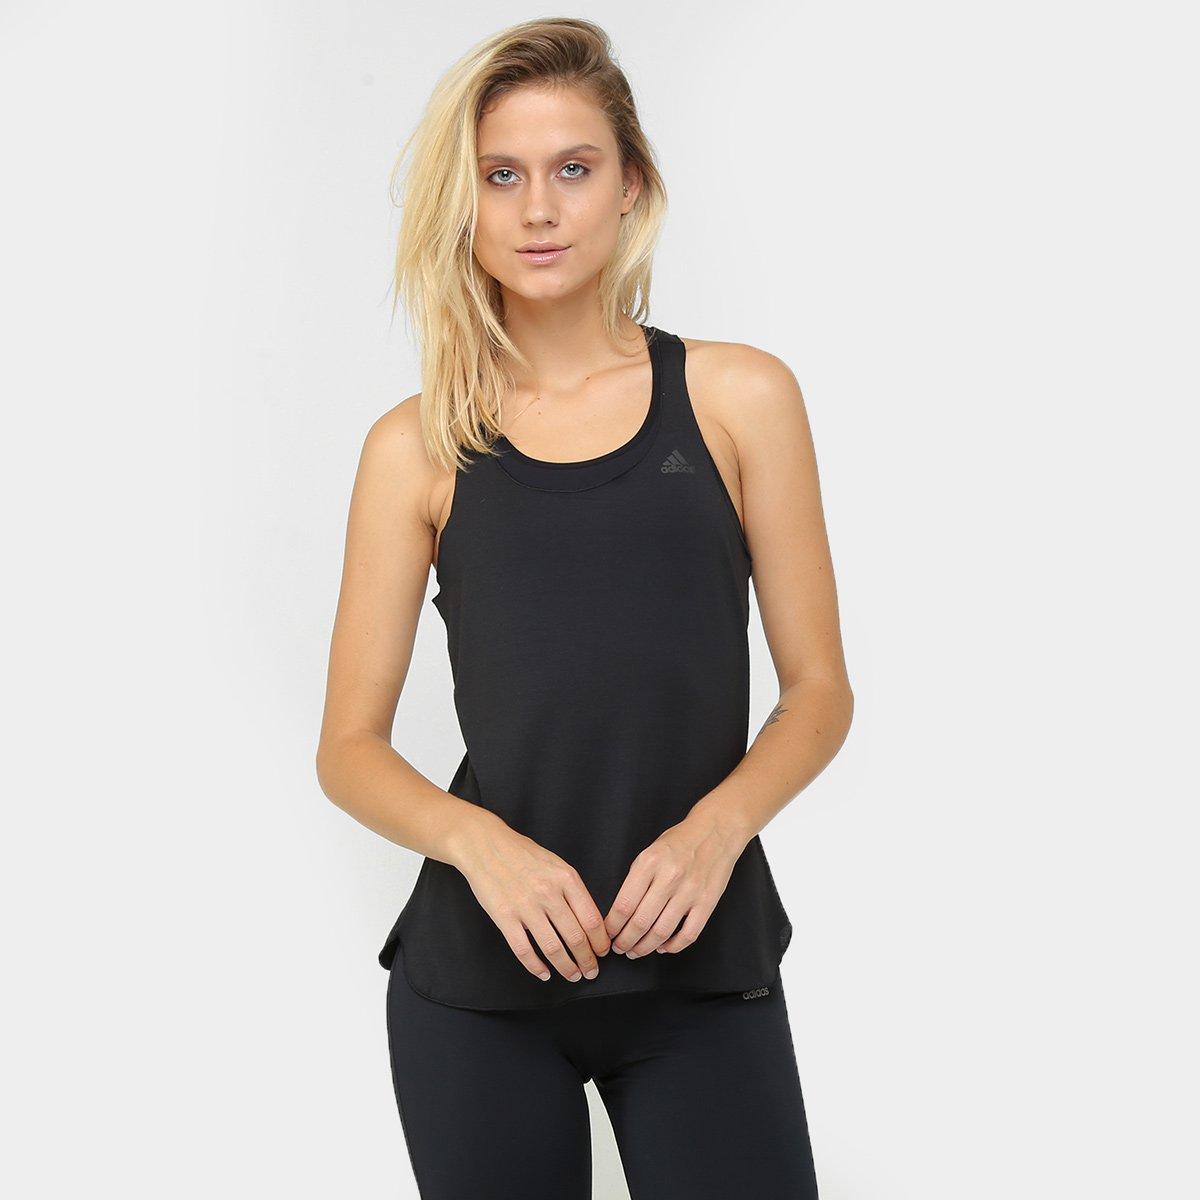 b70a17c539 Regata Adidas Prime Feminina - Preto - Compre Agora